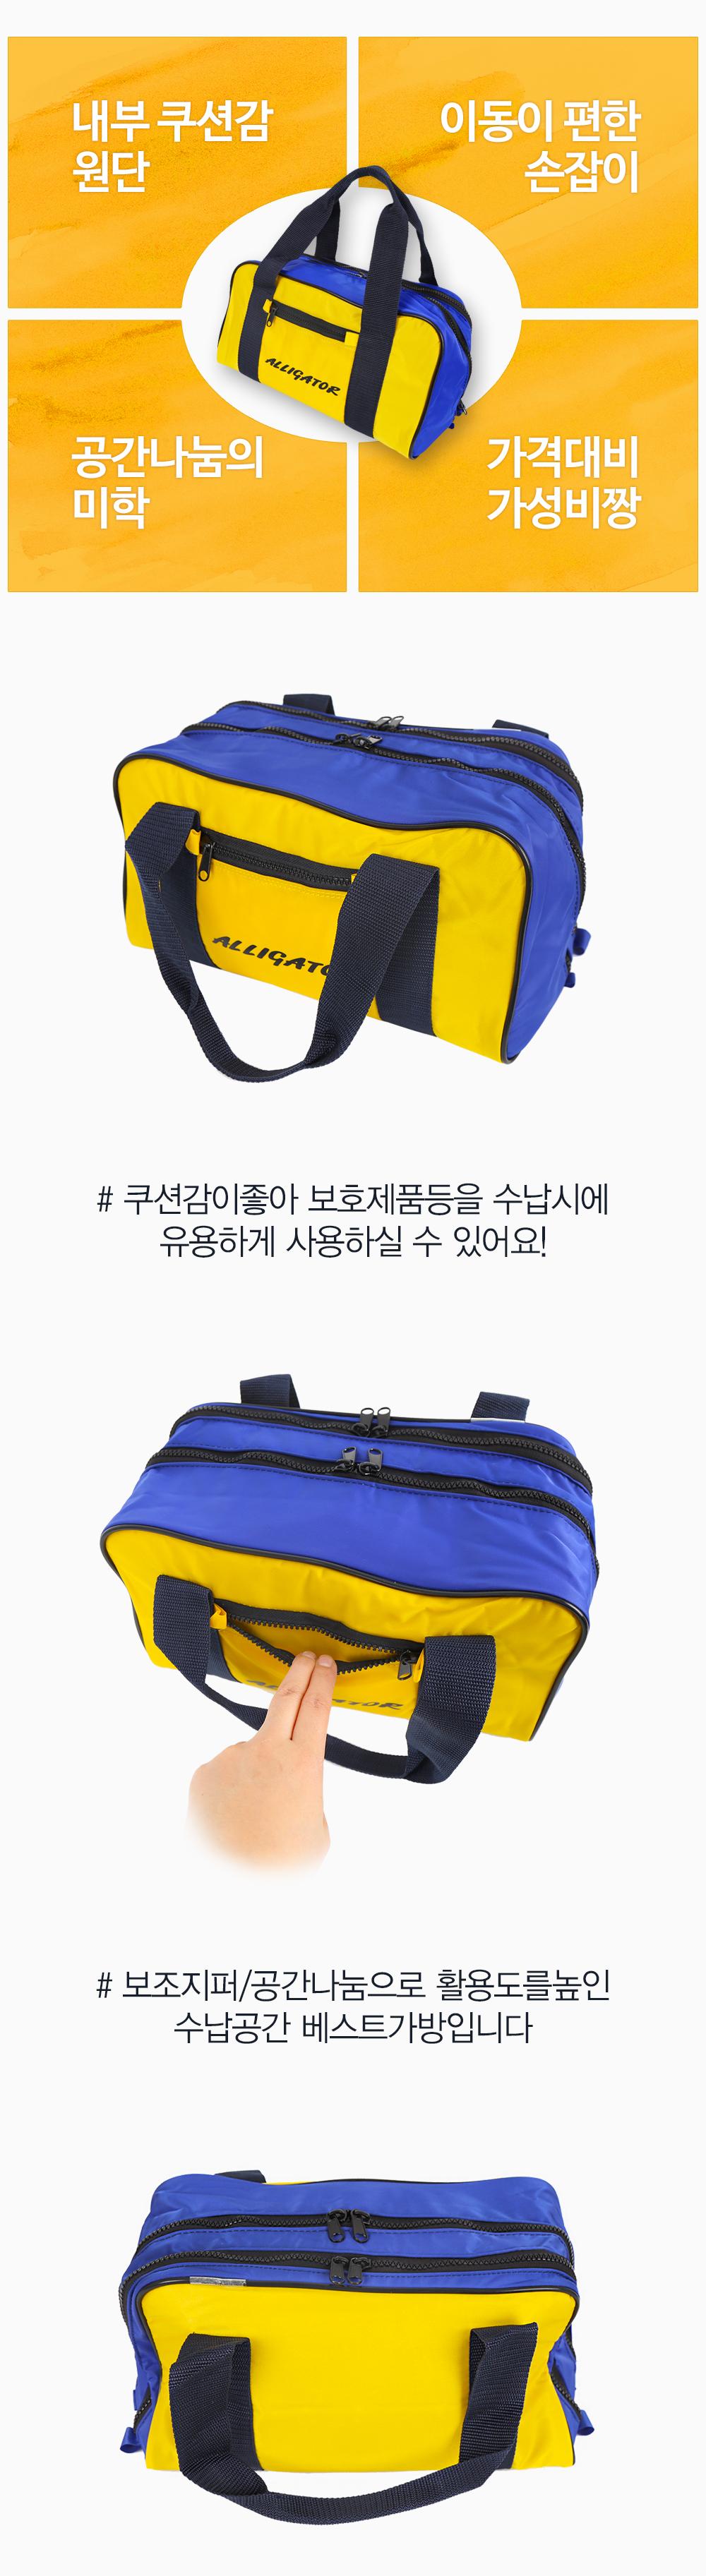 KLF 다용도 전동릴 가방 전동릴가방 릴케이스 보조가방 다용도가방 릴가방 태클박스 가벼운가방 루어보조가방 가방 케이스 주머니 여행가방 도시락가방